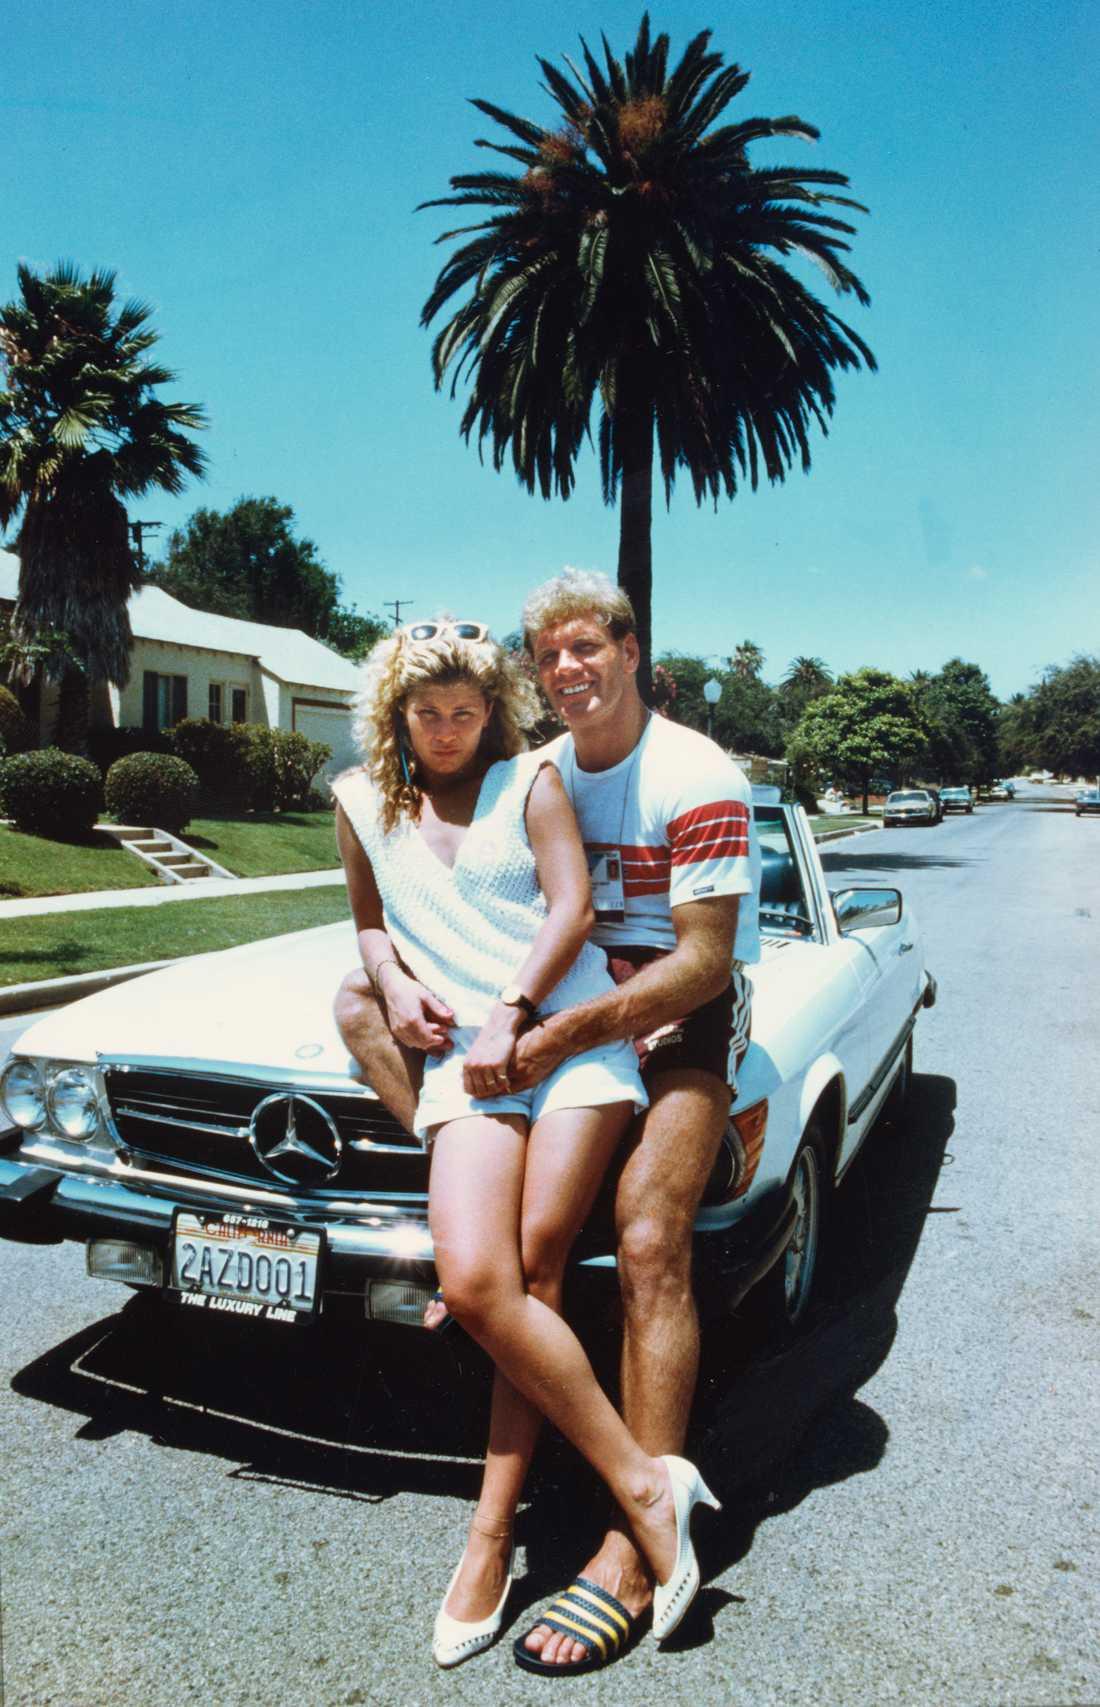 Frank Andersson med sin dåvarande flickvän Tina Tomasiec i Los Angeles sommaren 1984.